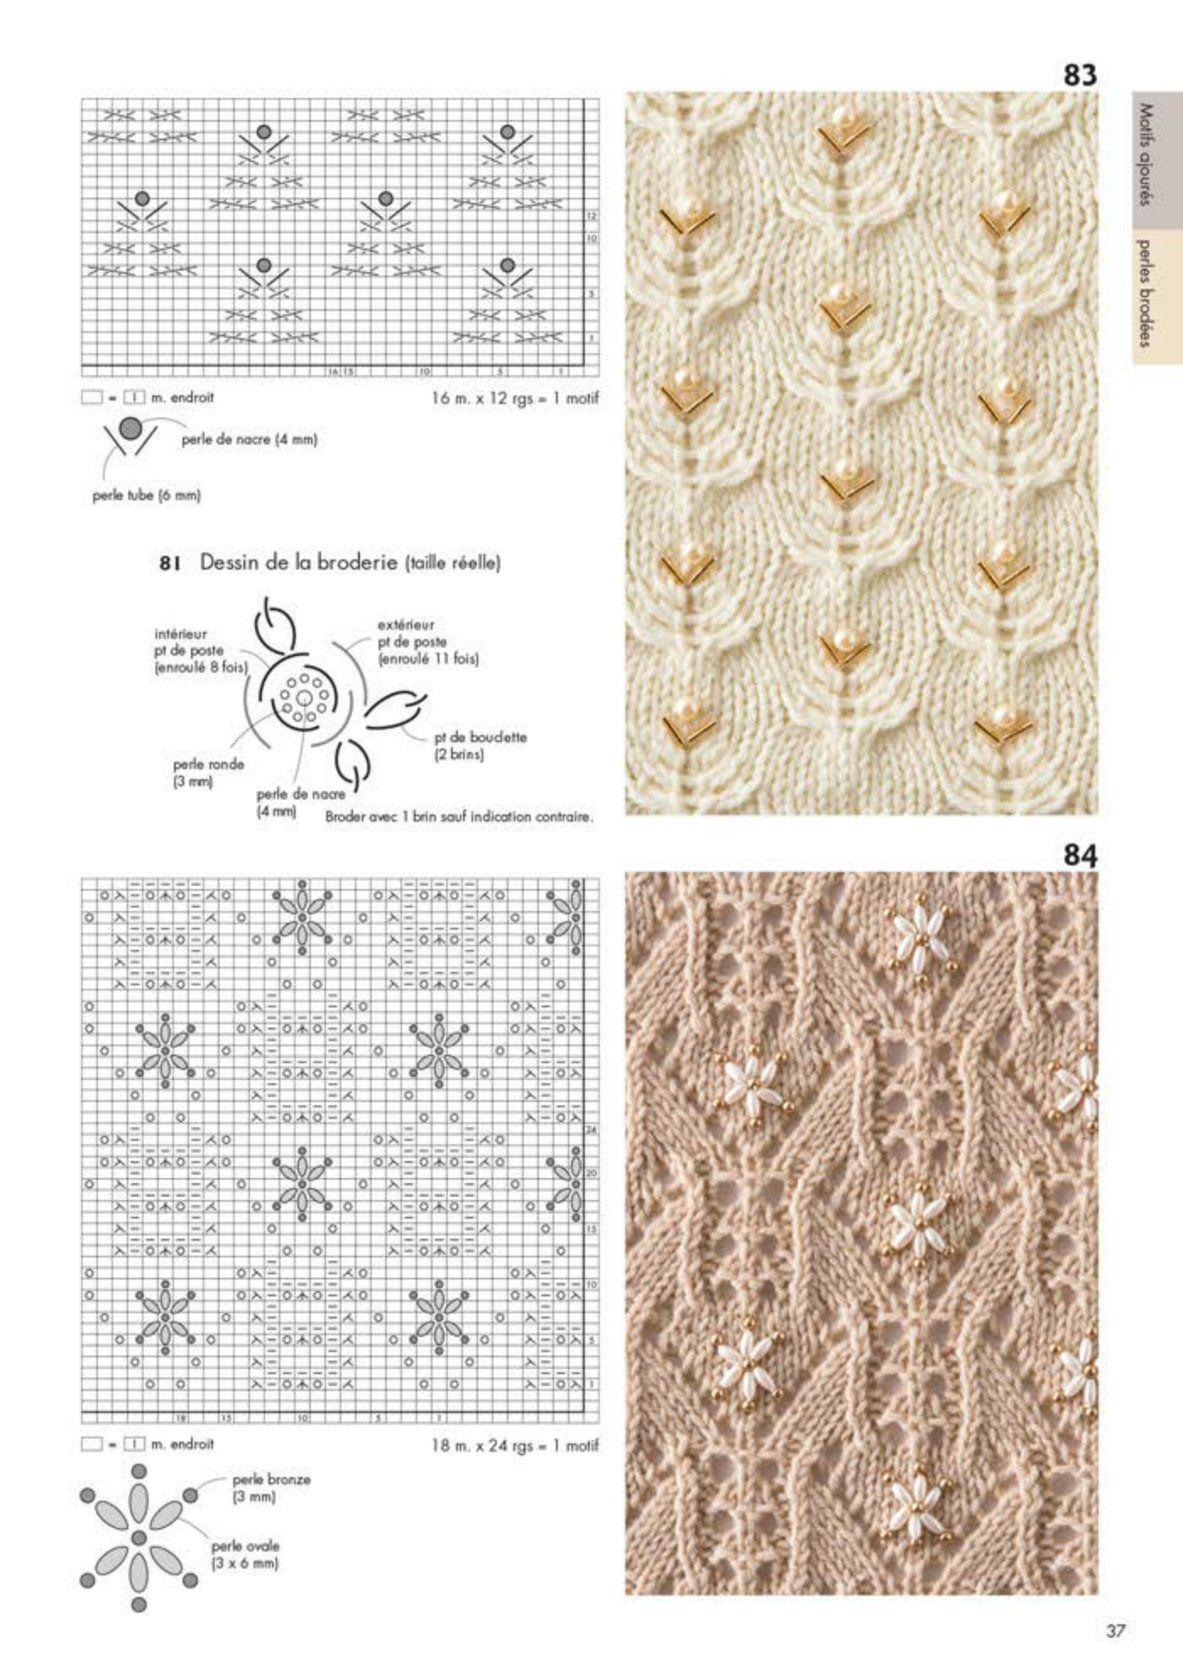 260 Motifs inédits au tricot, Les Editions de Saxe | tricot